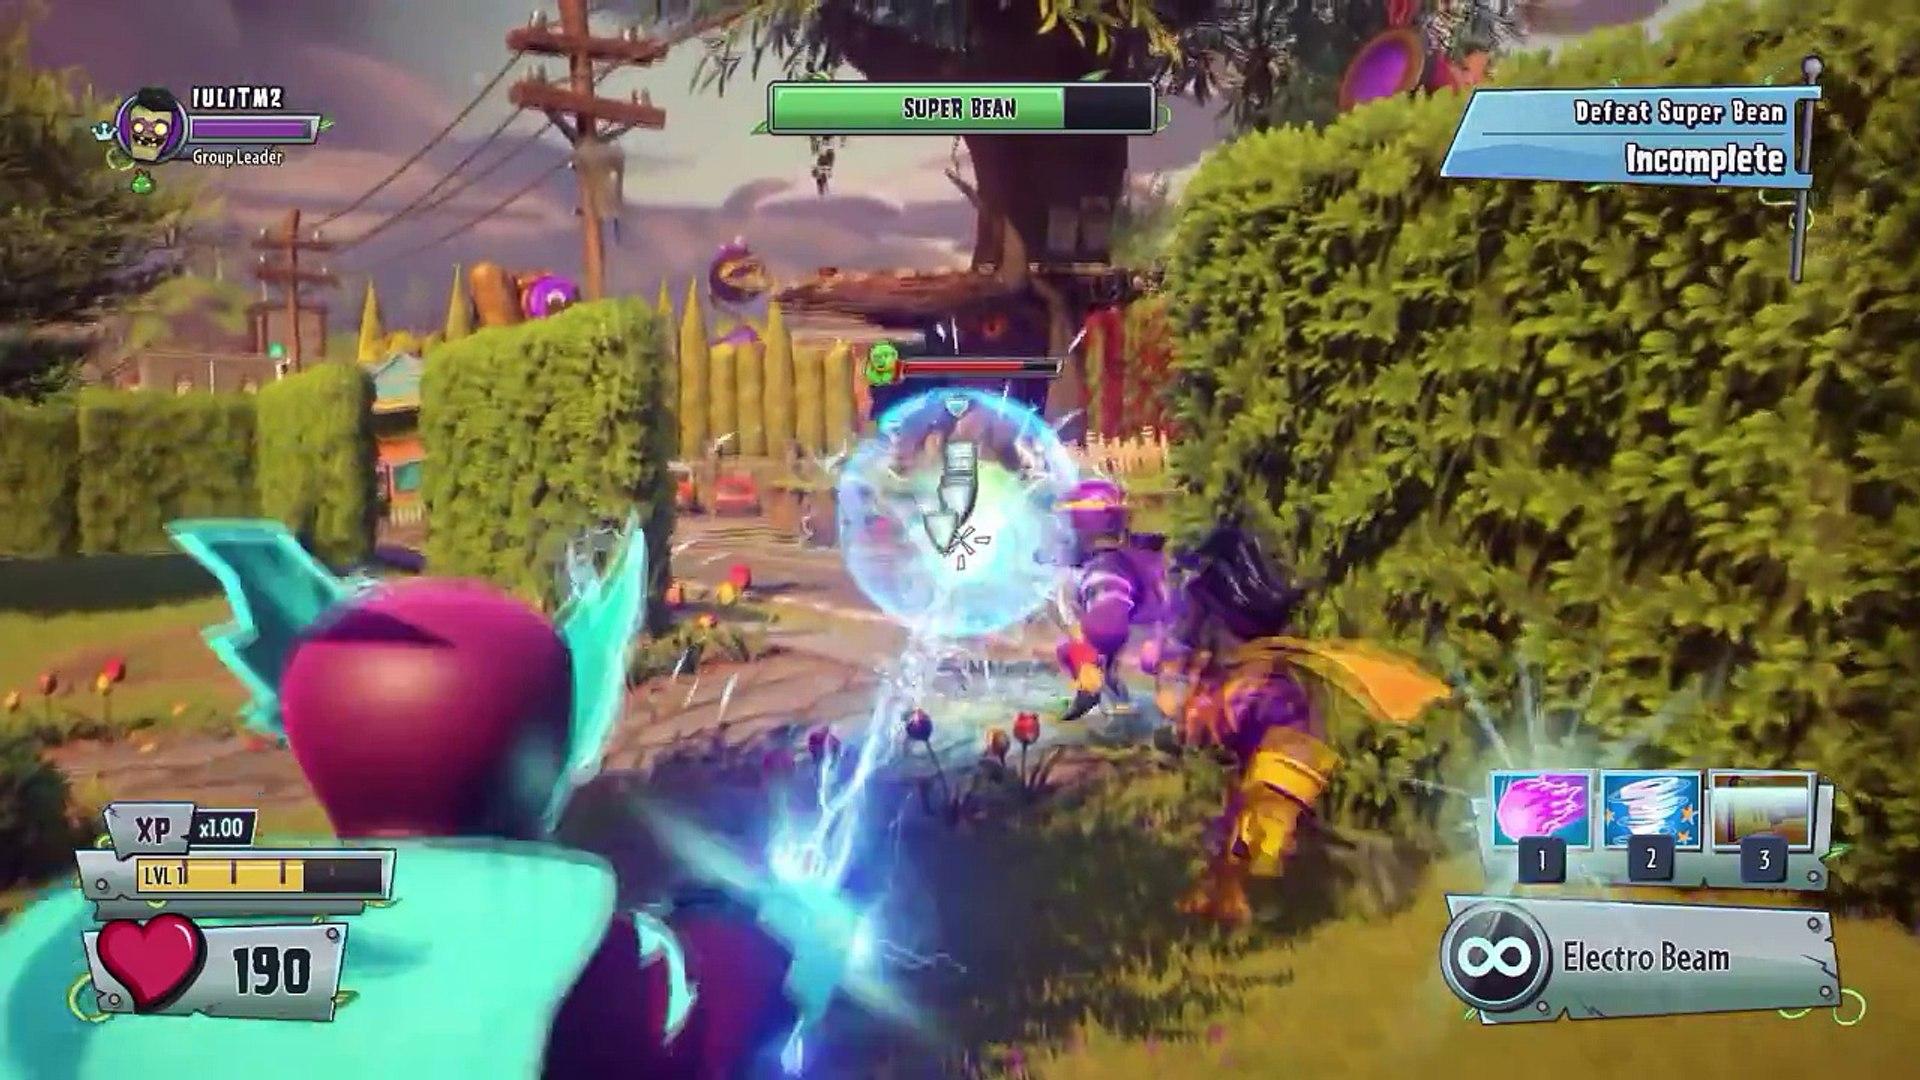 Plants vs  Zombies Garden Warfare 2 Super Bean Final Boss Fight